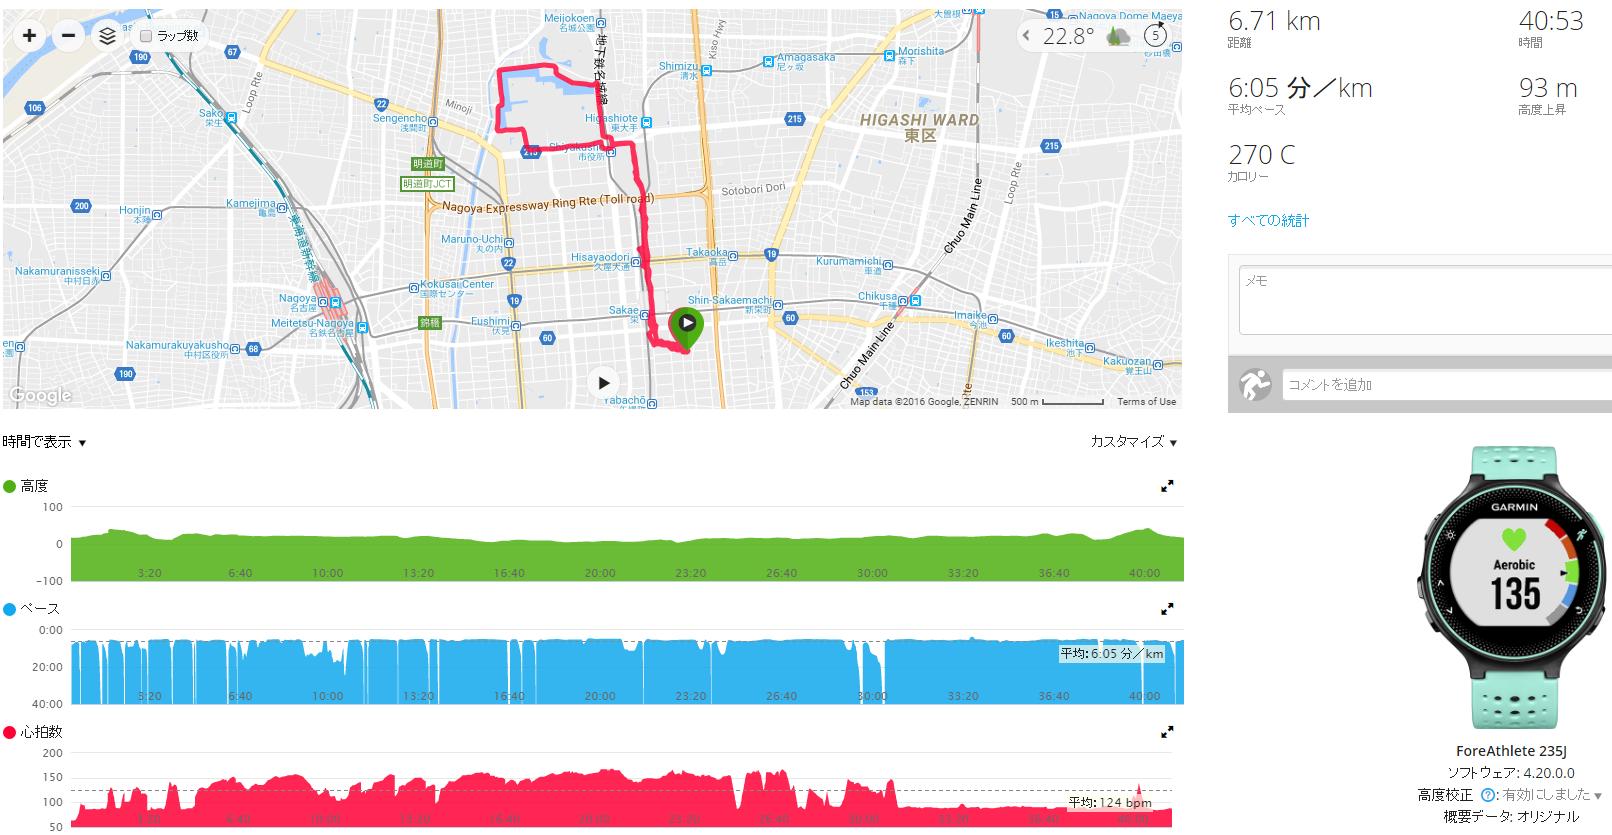 201607名古屋旅Run